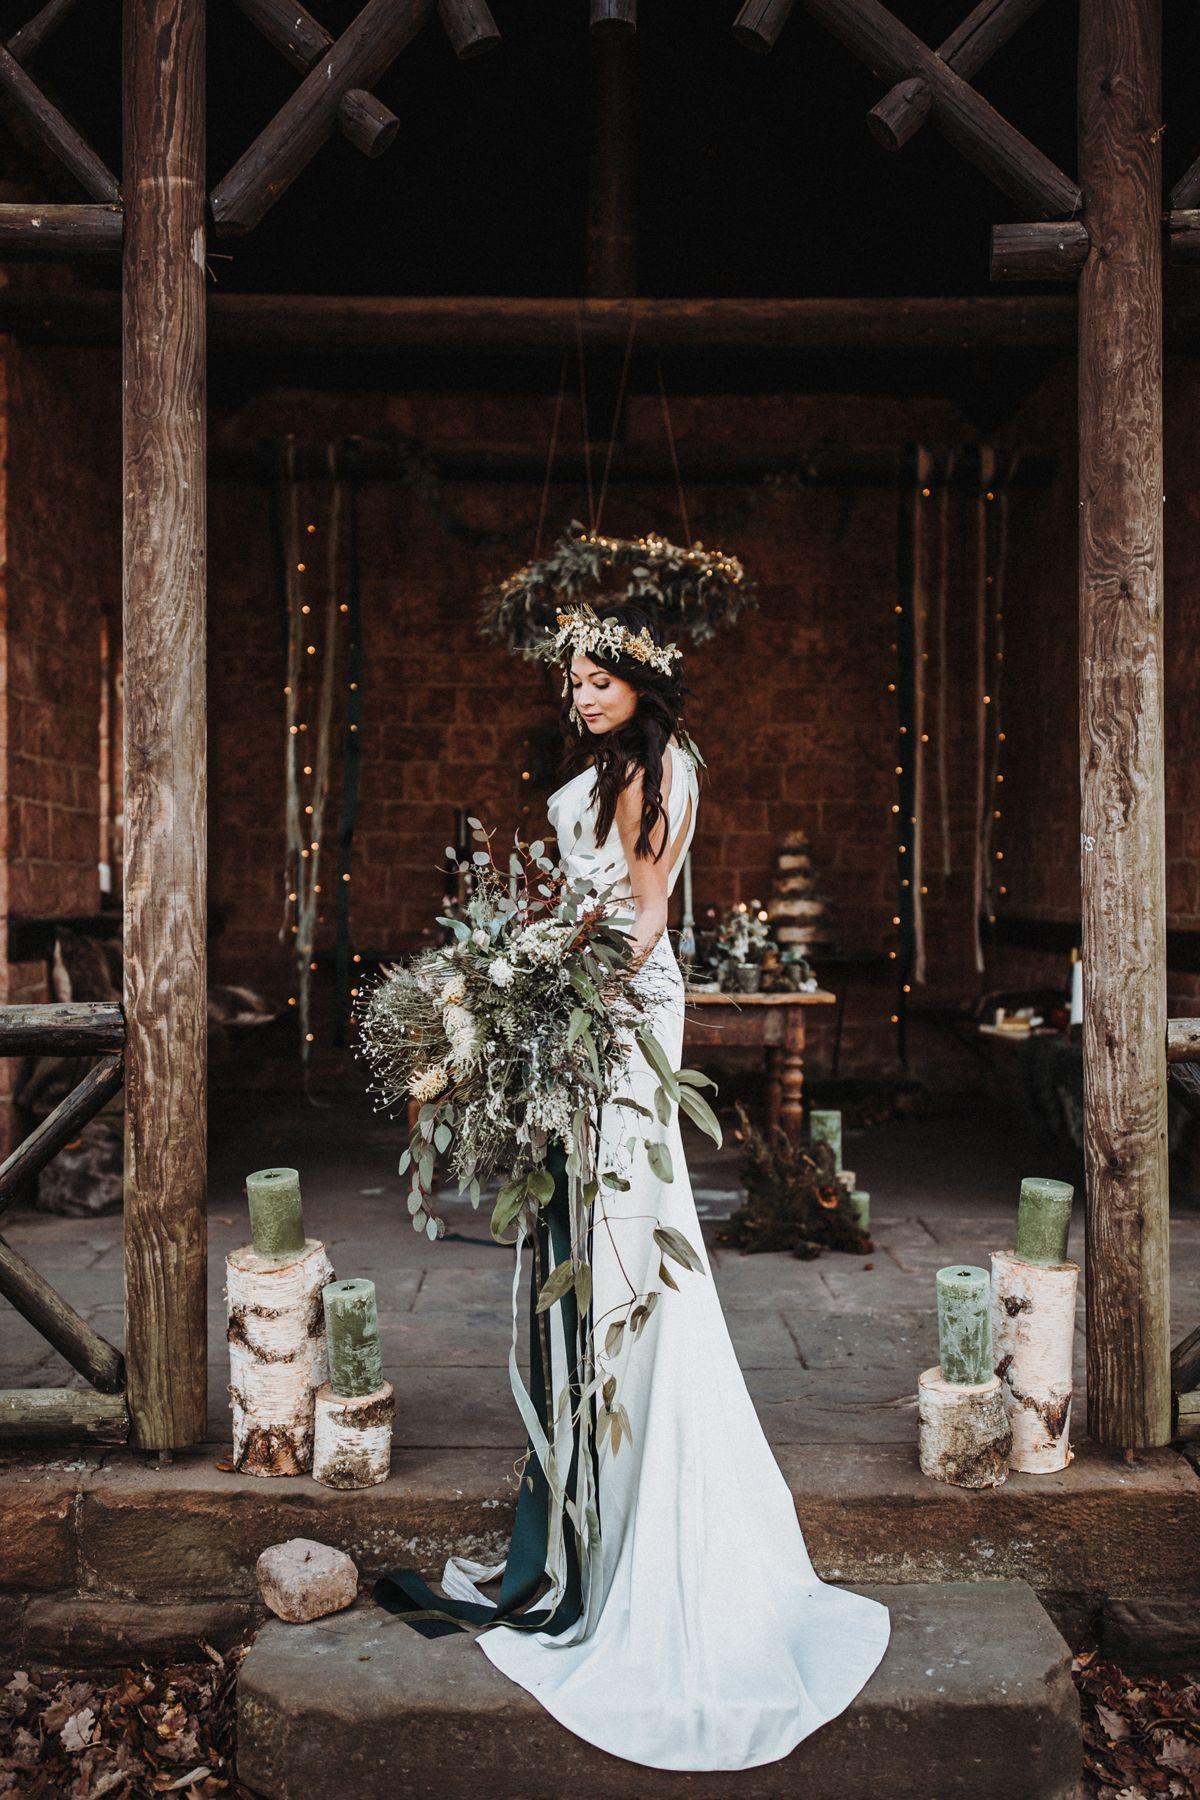 Wild Green Inspirationen Fur Eure Boho Hochzeit Hochzeitsblog The Little Wedding Corner Boho Hochzeit Hochzeit Wald Heidnische Hochzeit